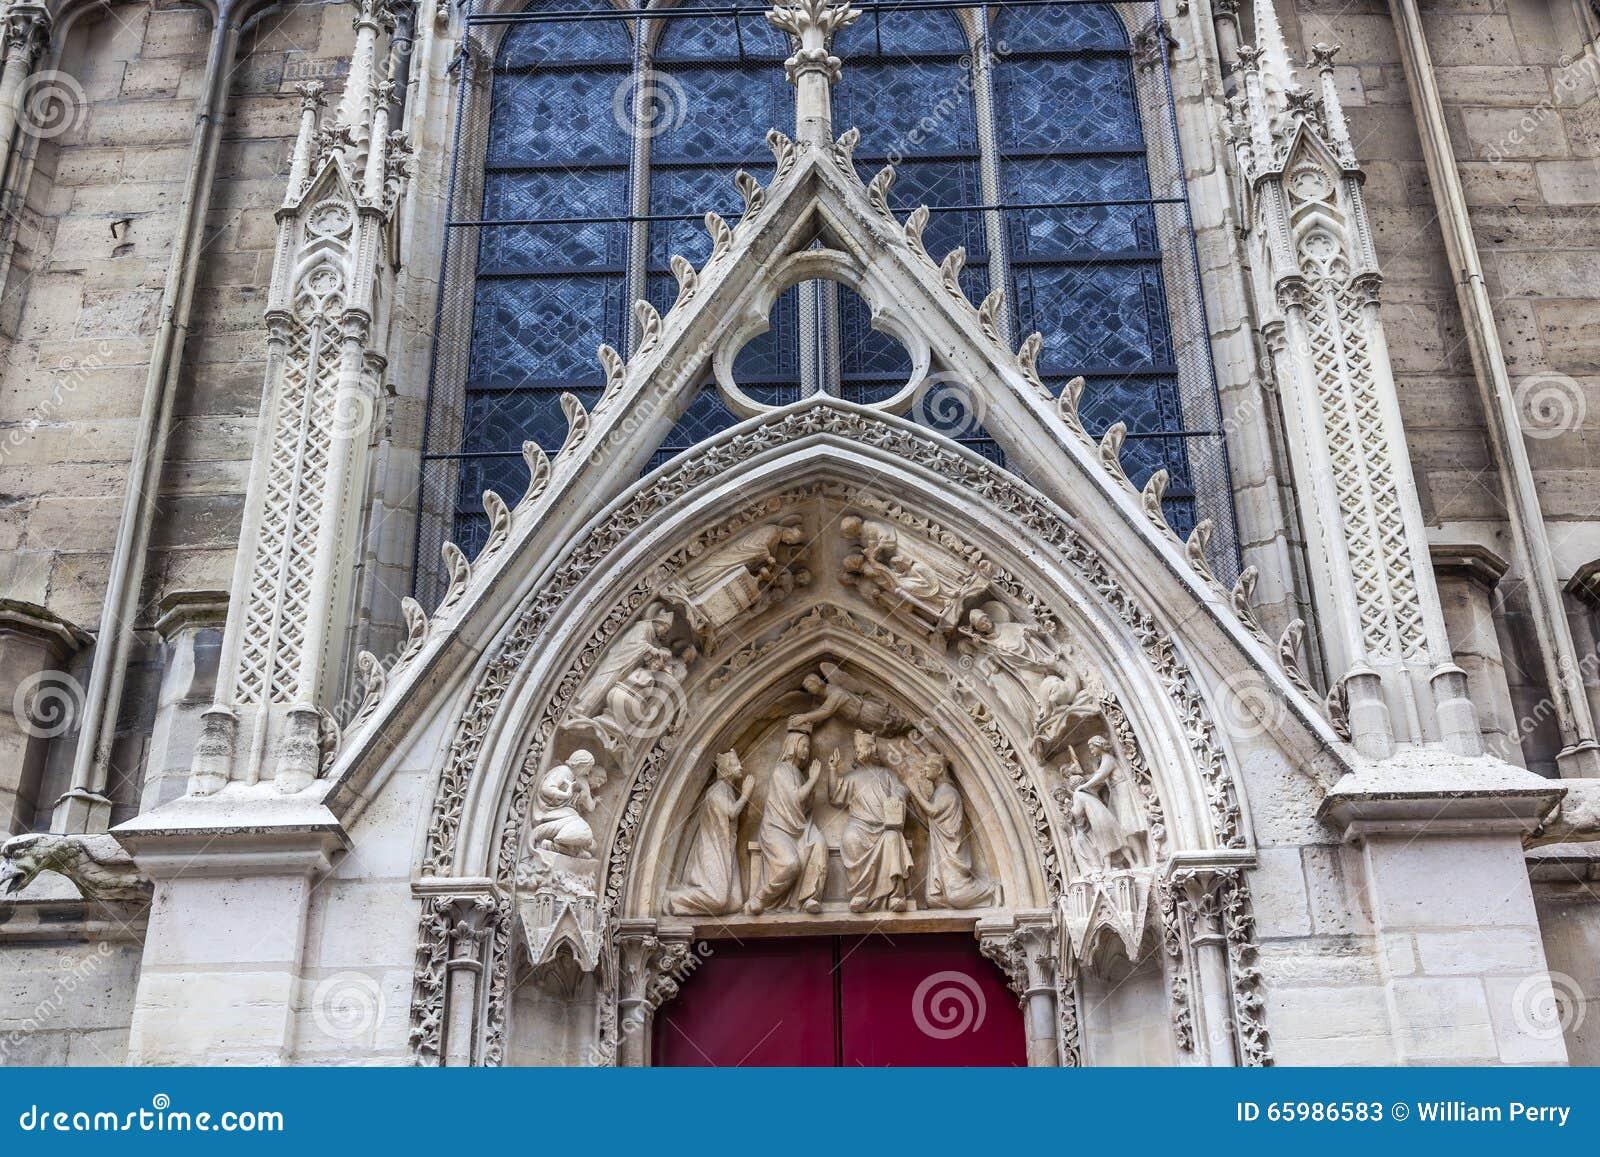 Porte Rouge Notre Dame Cathedral Paris France De Statues Bibliques